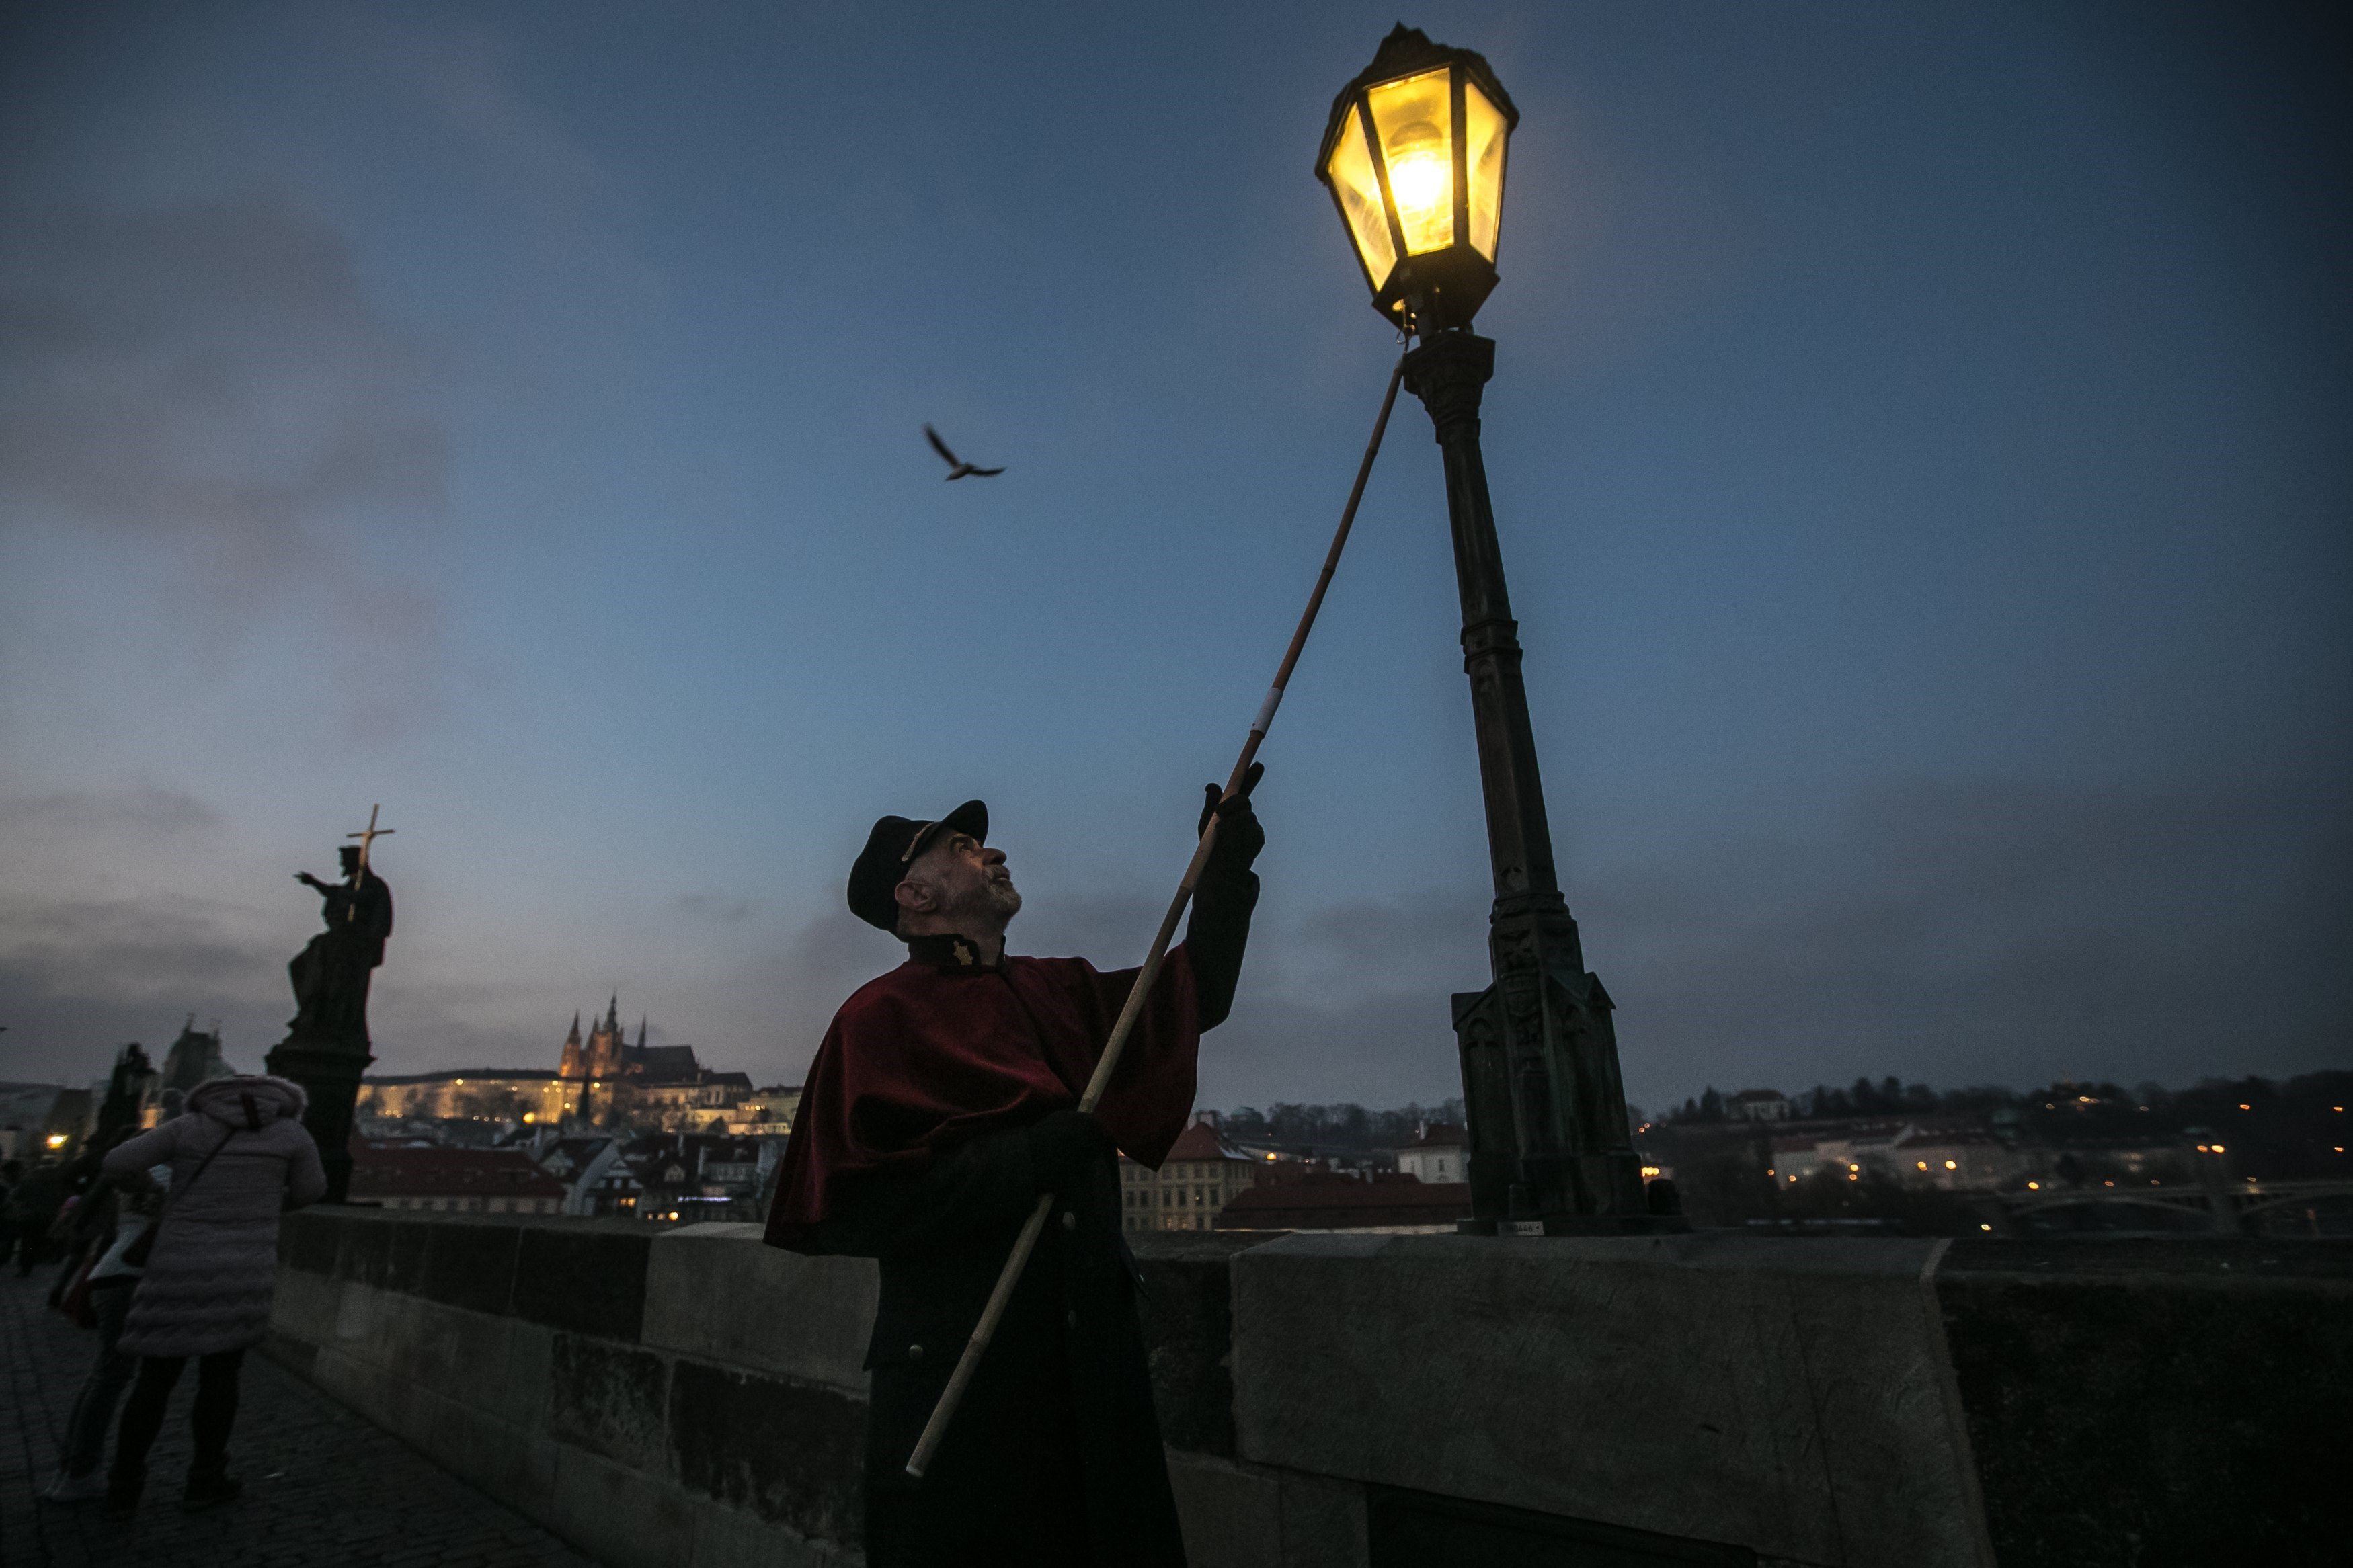 Farolers encenen fanals de gas a Praga. /MARTIN DIVISEK